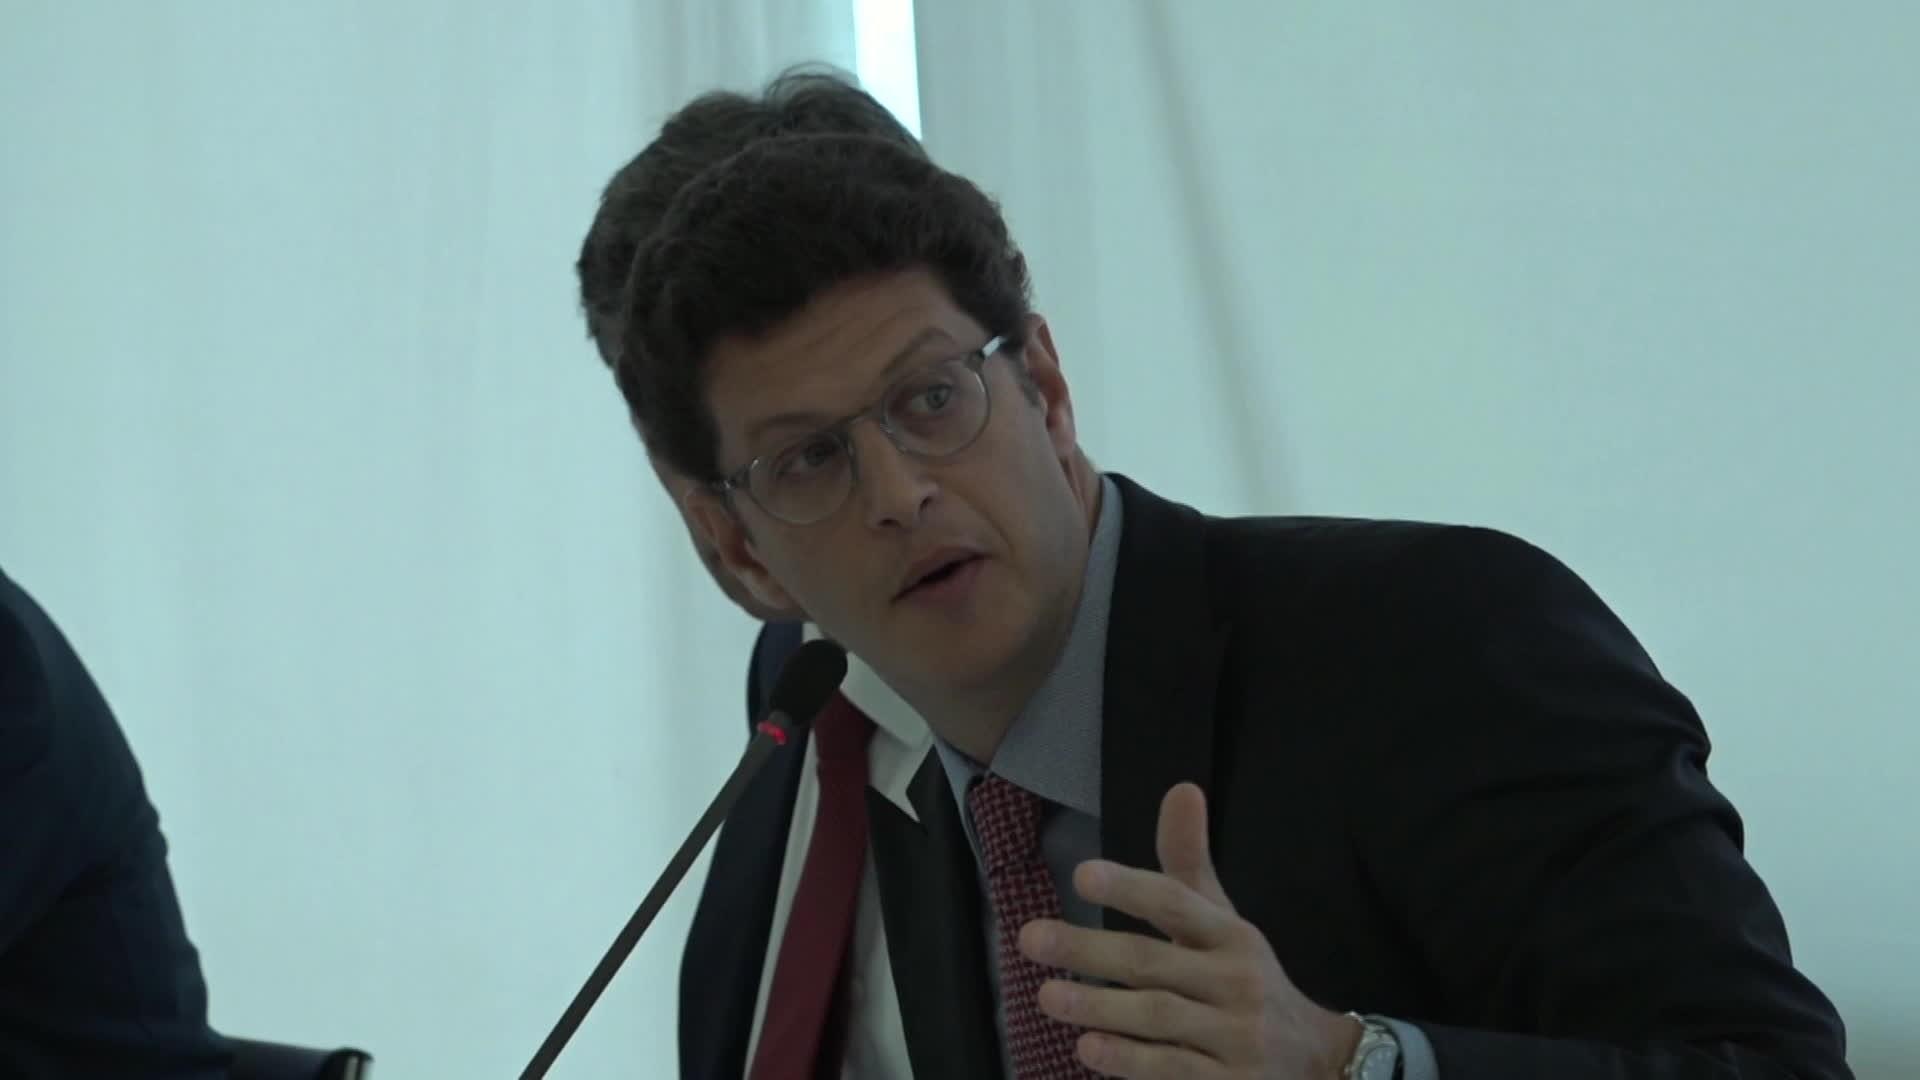 Entidades ligadas ao meio ambiente criticam fala de Ricardo Salles durante reunião ministerial